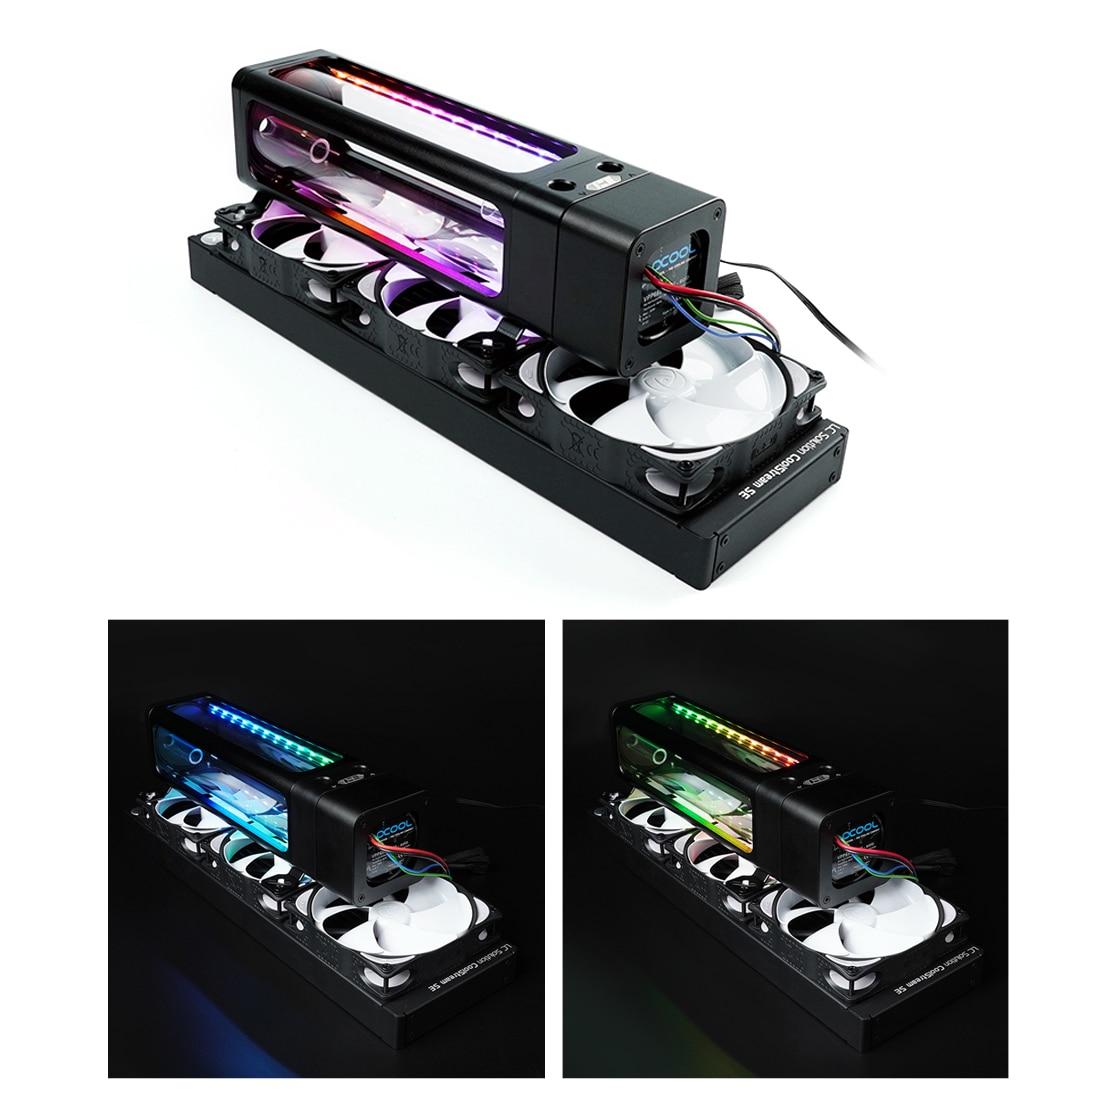 IceMan برودة DX5-240 خزان المياه الزجاج مع تأثيرات الضوء 240 مللي متر ومضخة D5-أسود